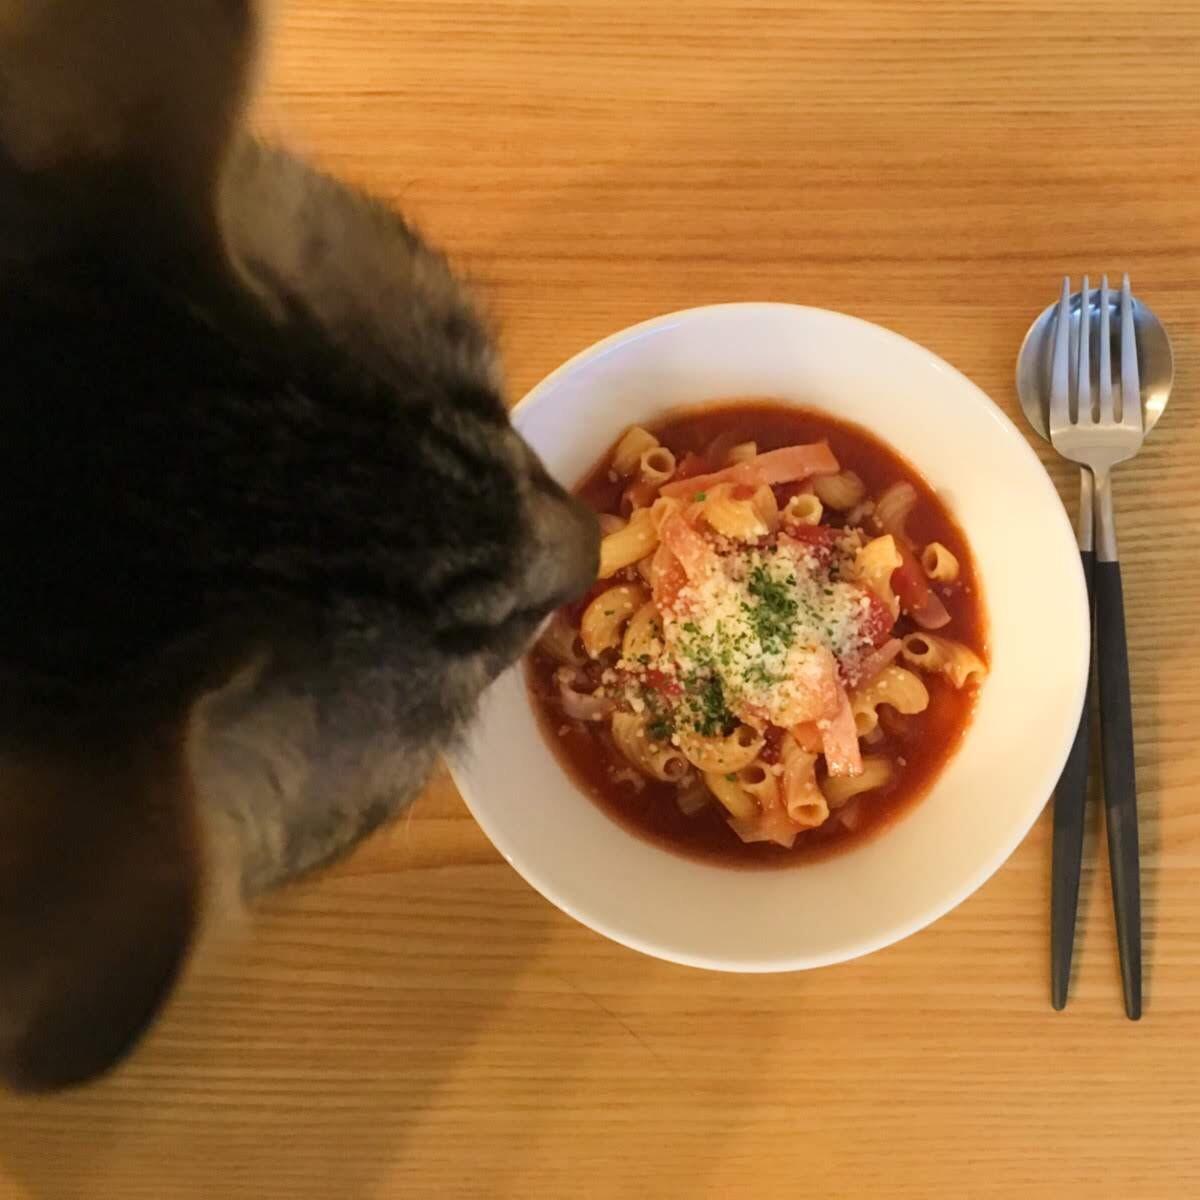 パスタにかかった粉チーズが気になり覗き込む猫